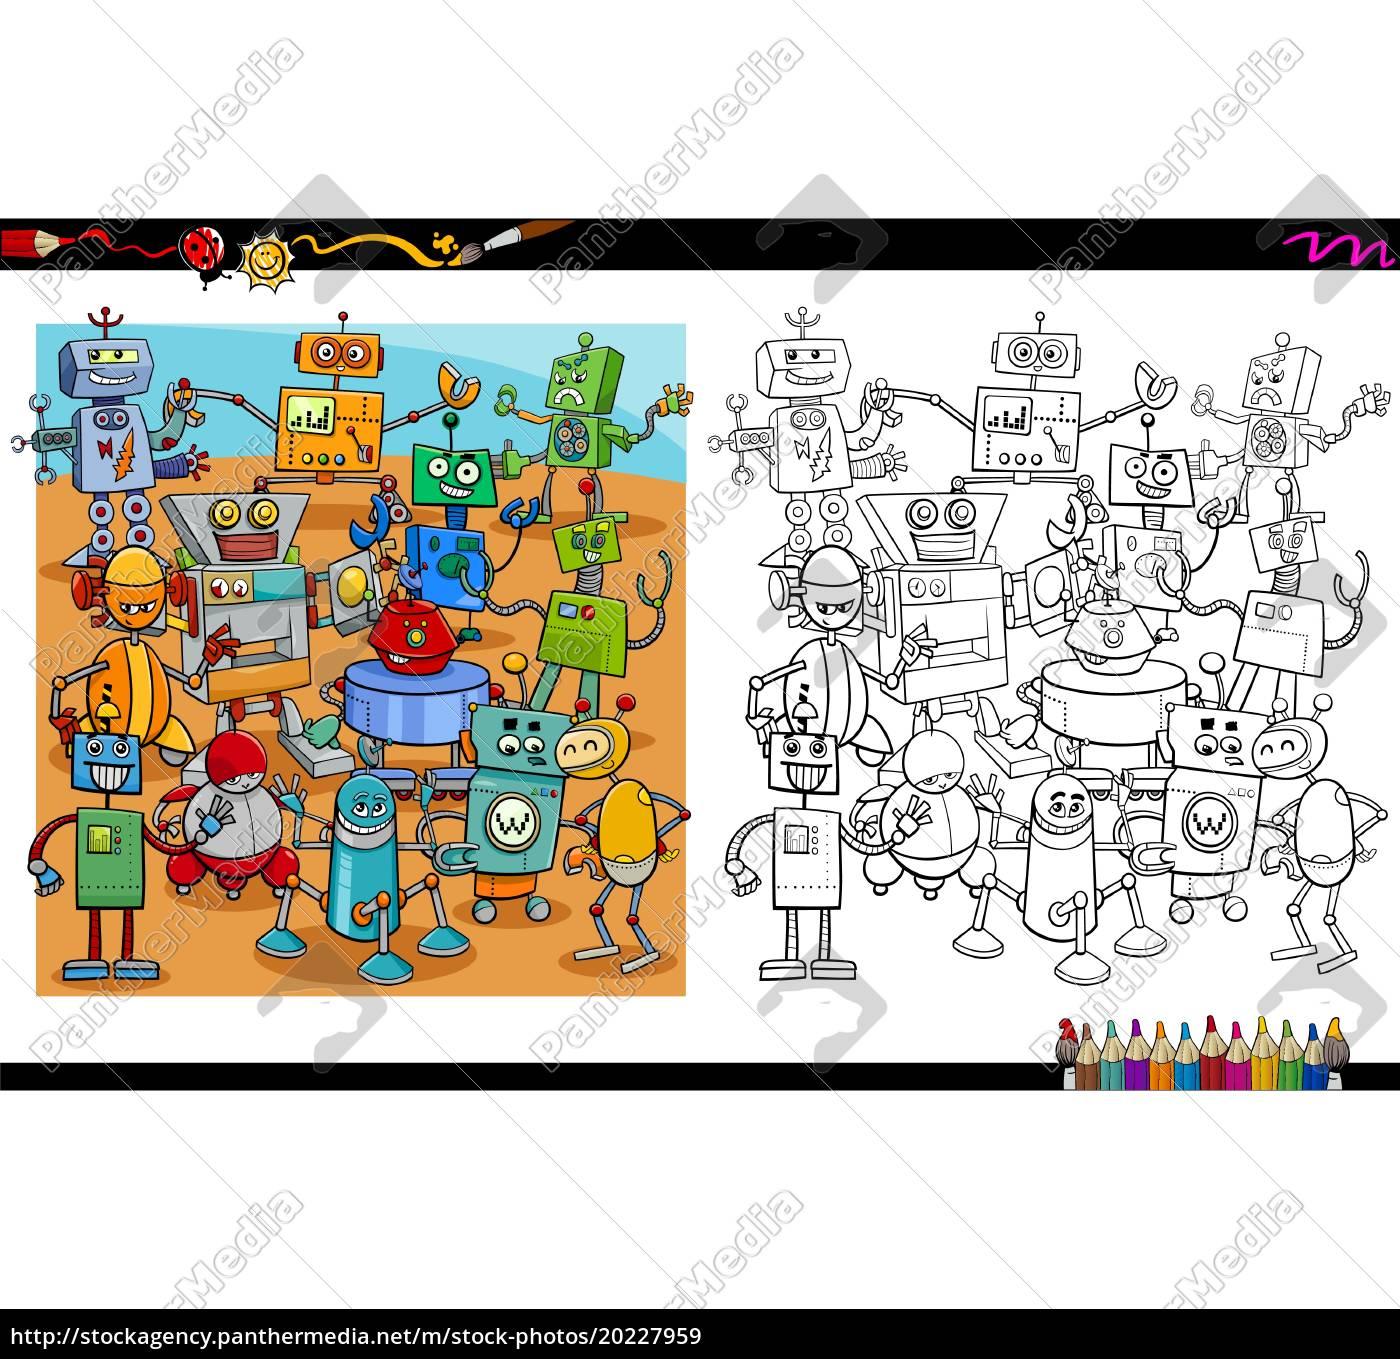 Vector Libre De Derechos 20227959 Dibujos Animados Robots Para Colorear Página